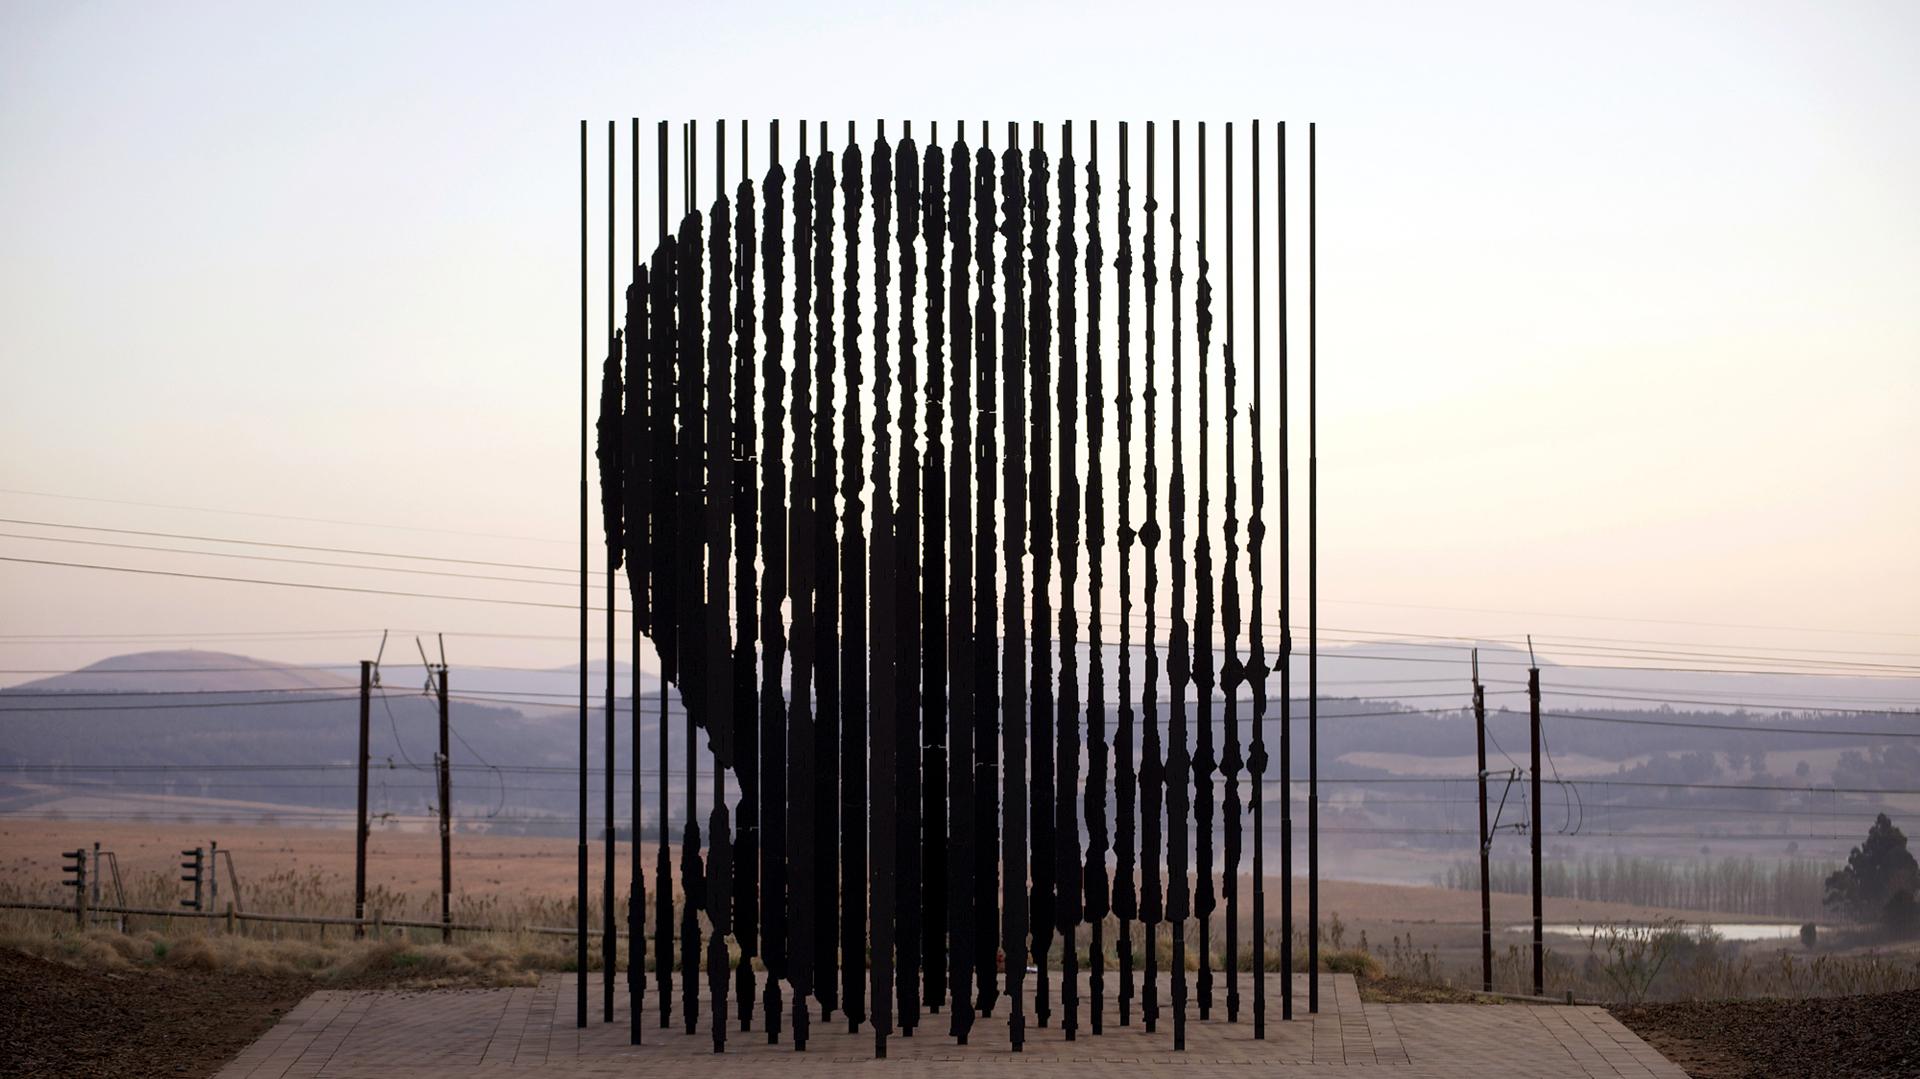 Nelson Mandela por Marco Cianfanelli. Ubicada en Howick, Sudáfrica, esta escultura fue erigida en la ruta R103 donde el líder fue capturado por la policía del apartheid en 1962